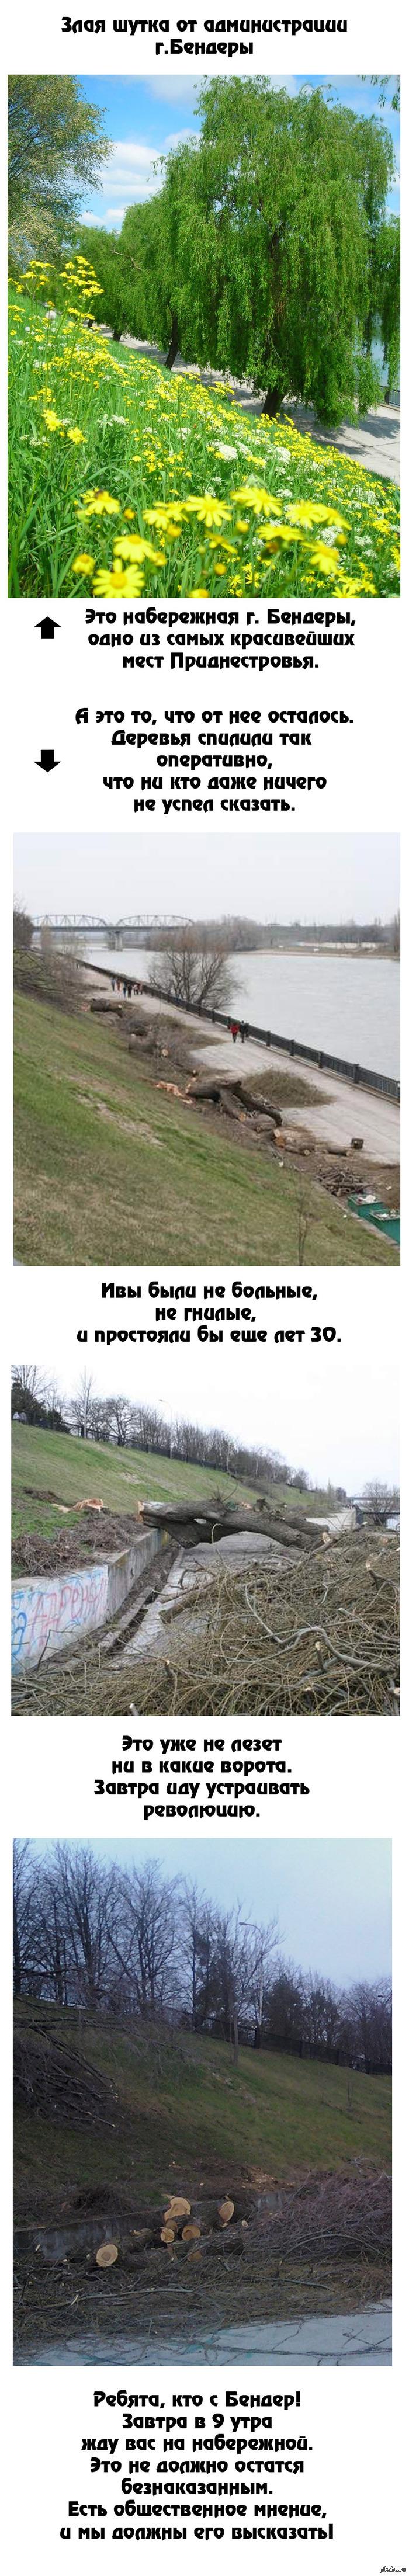 """""""Отличная"""" шутка от администрации г. Бендеры, Приднестровье. Сегодня в Бендерах вырубили красивейшую набережную! Зачем? За что?"""